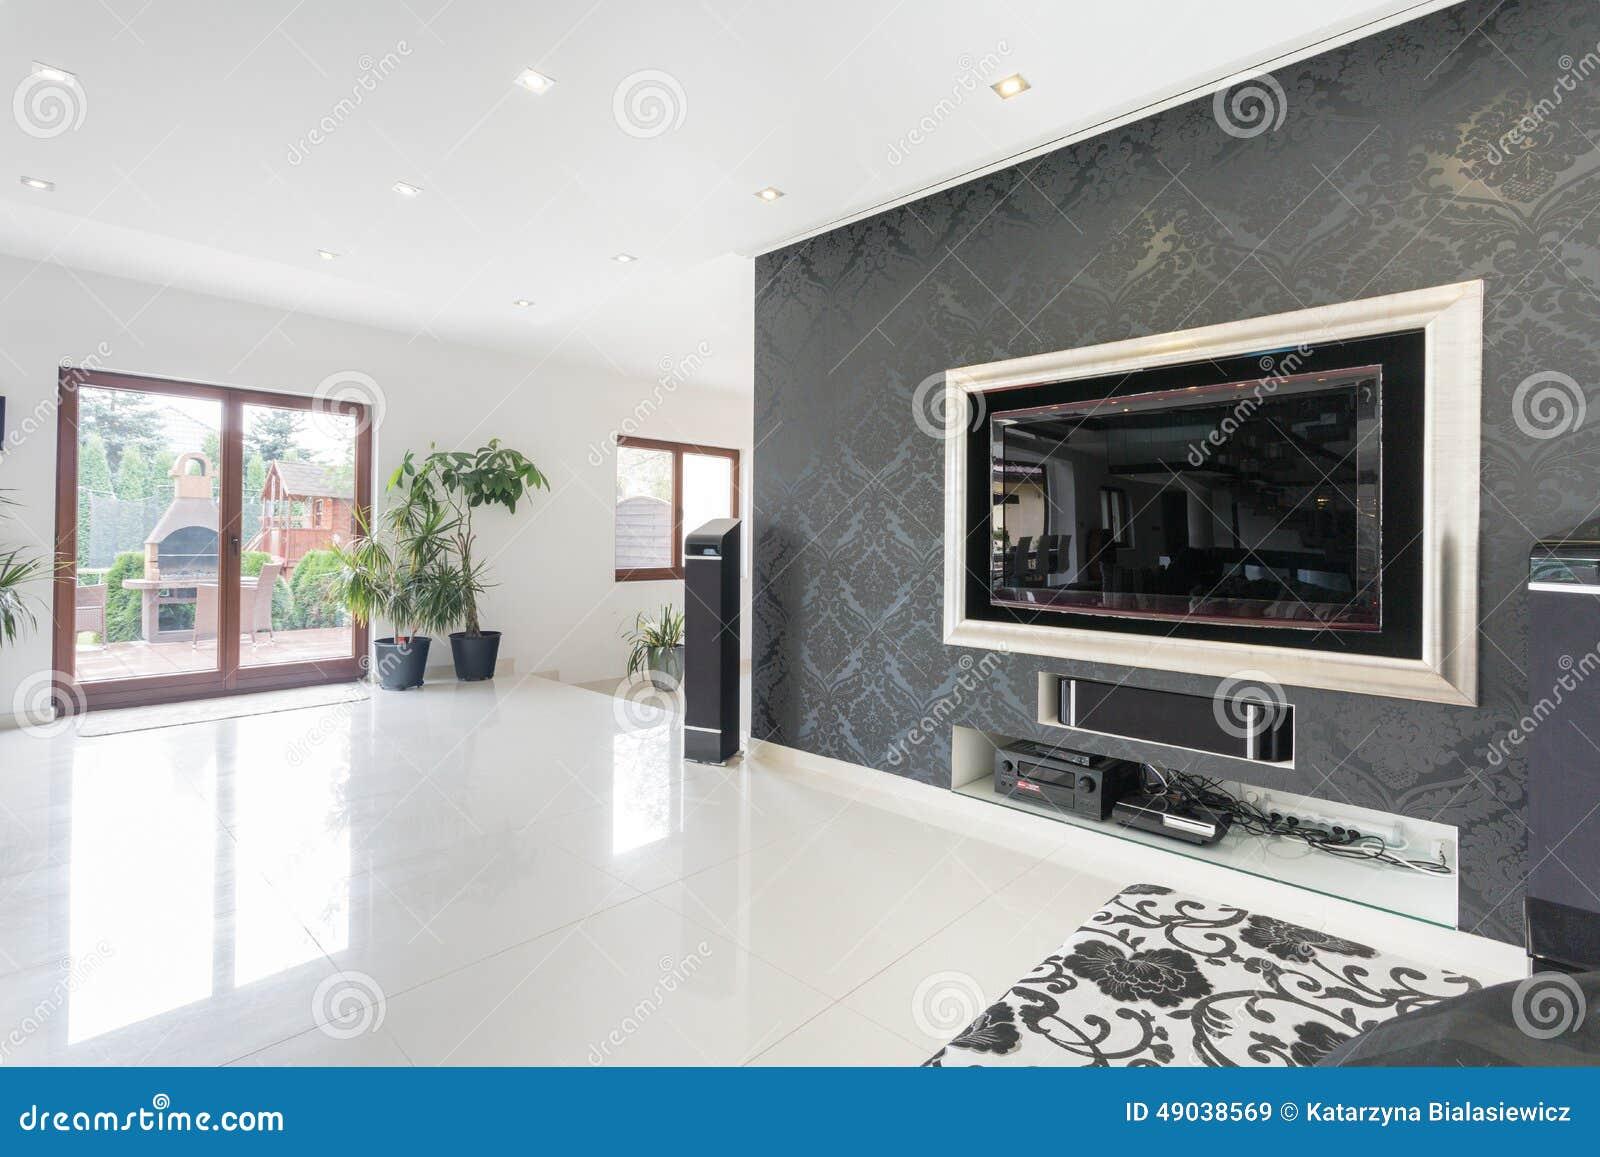 Tv Grande En Una Sala De Estar Imagen De Archivo Imagen De Nuevo